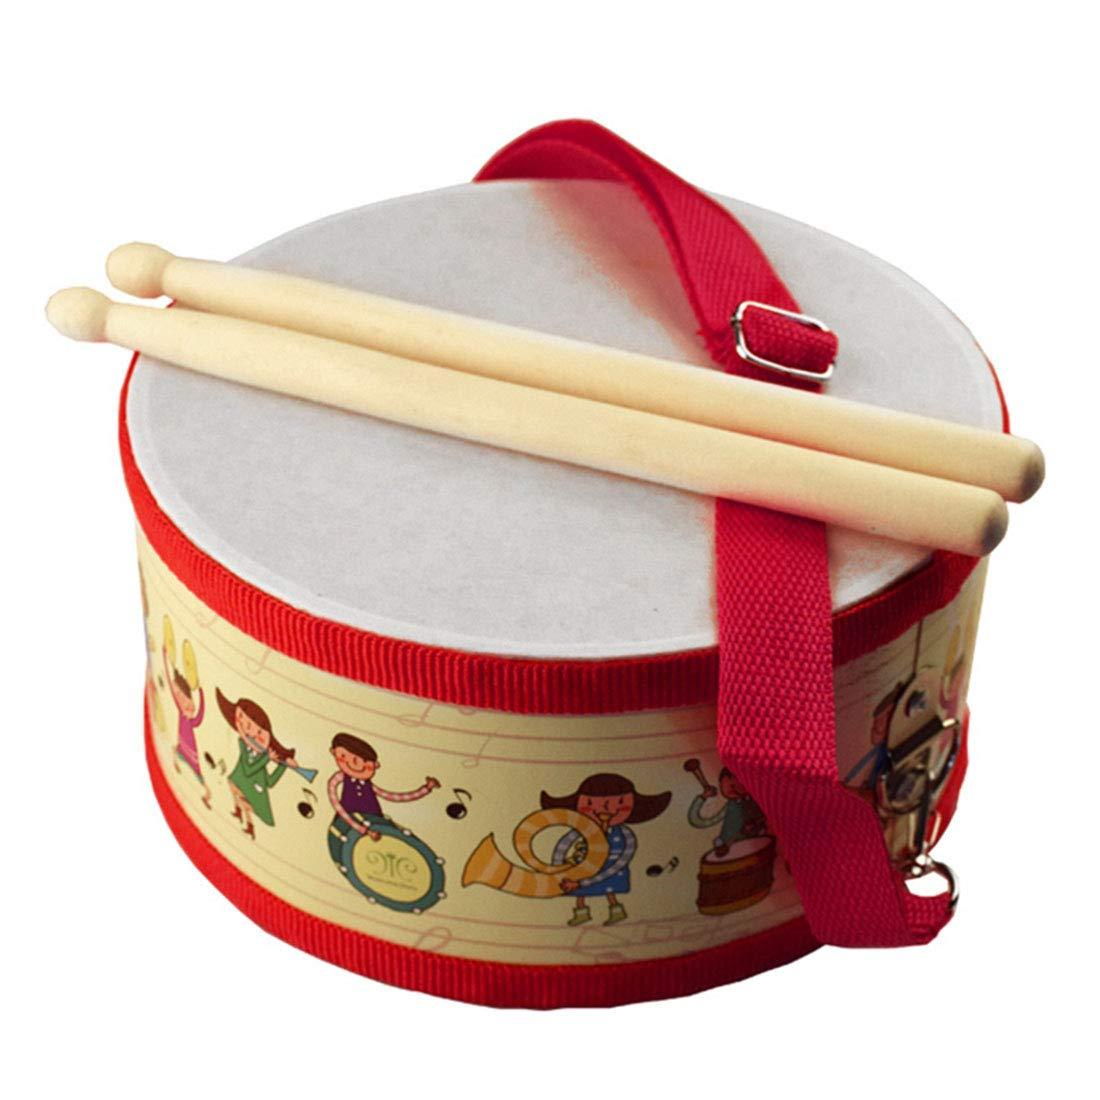 Xianheng Tambor Sounder Tambores en Estuche Instrumento Percusión Infantil Tambor Musical para Desarrollar el Potencial Musical de los Niños: Amazon.es: Juguetes y juegos